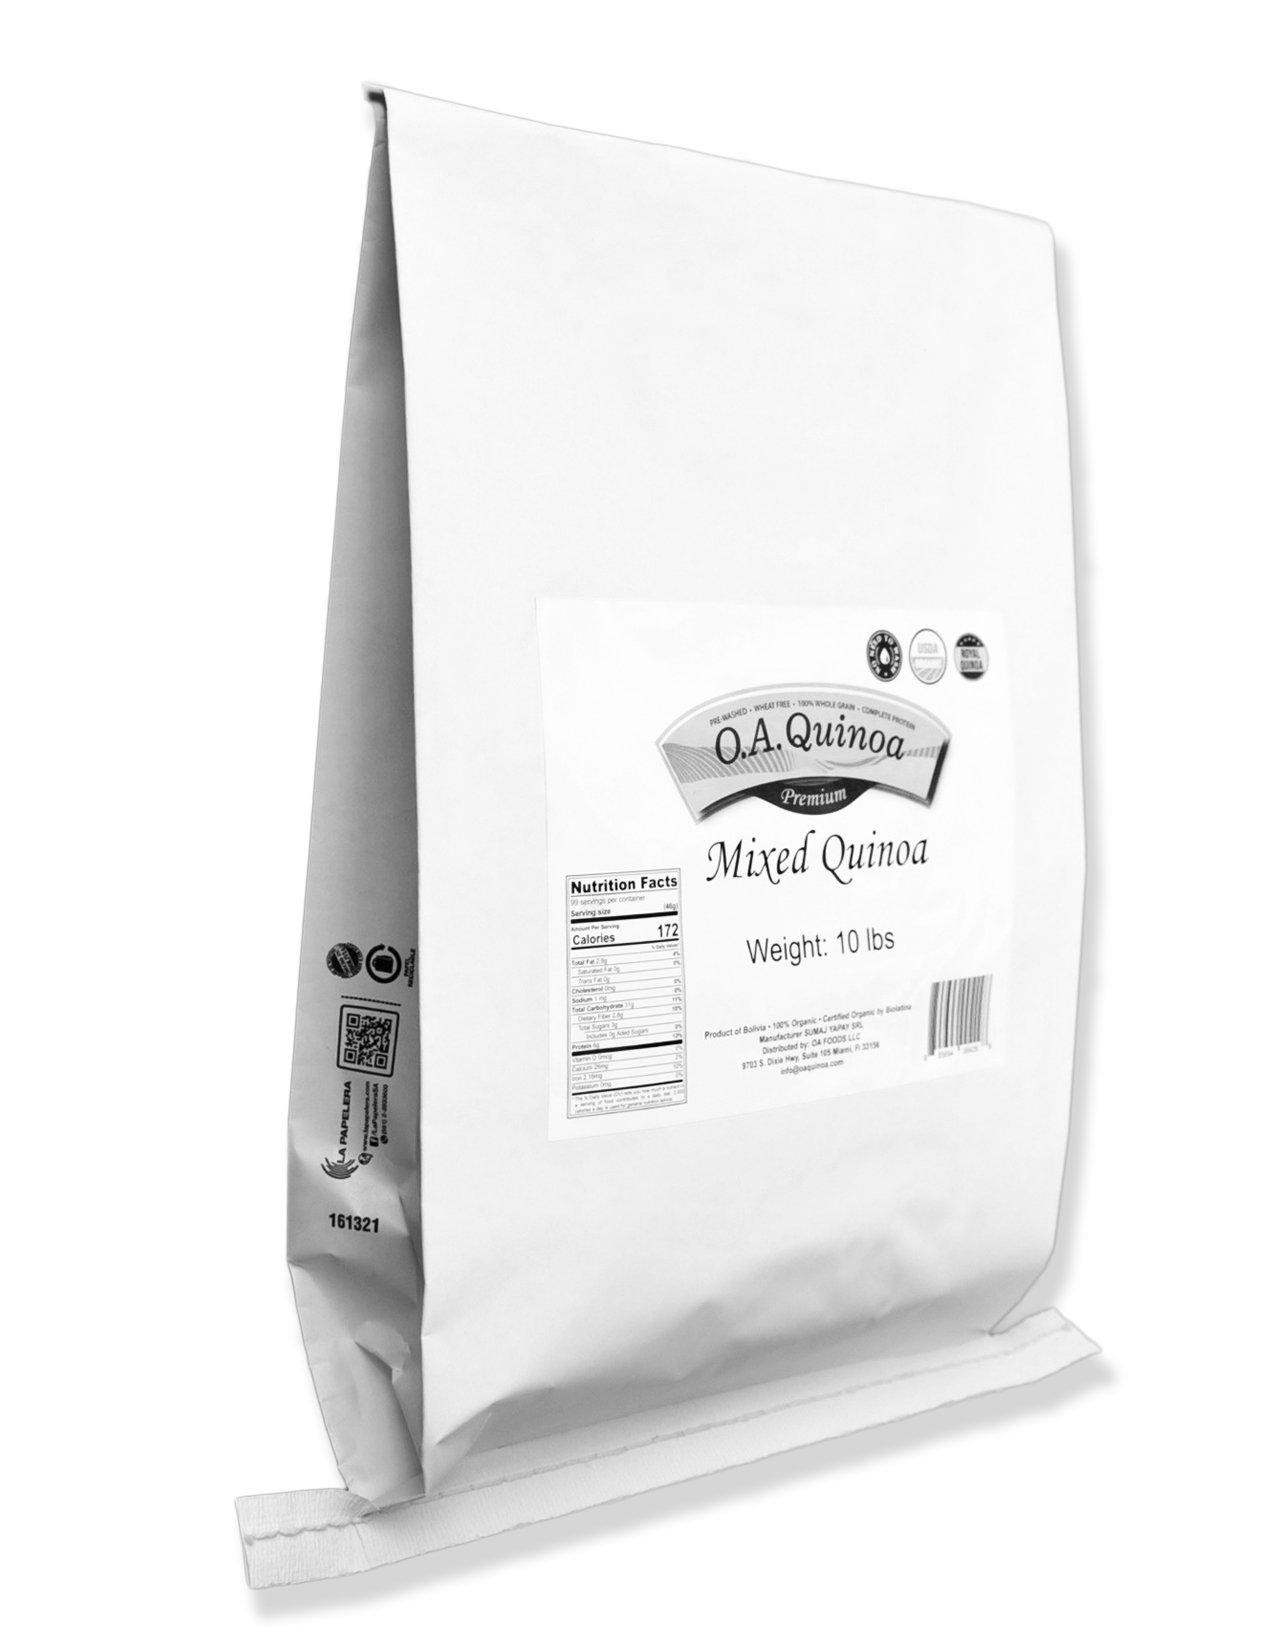 Royal Organic Tri Color OA Quinoa (10 Lb Bag) by OA QUINOA (Image #2)